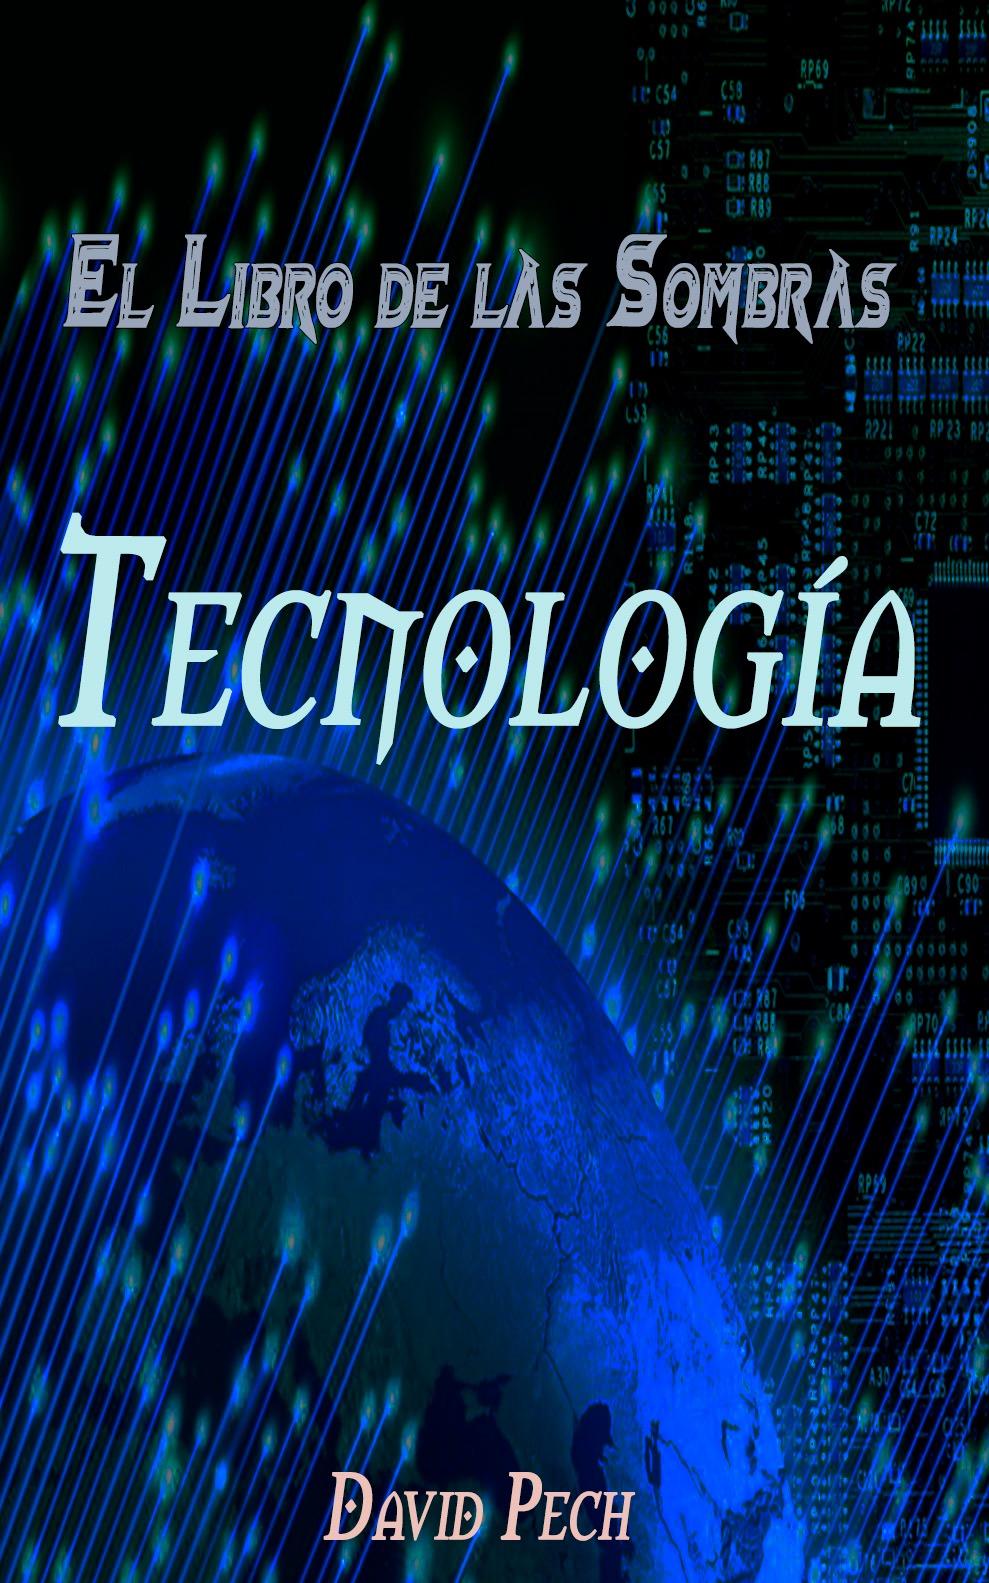 El libro de las sombras: Tecnología.